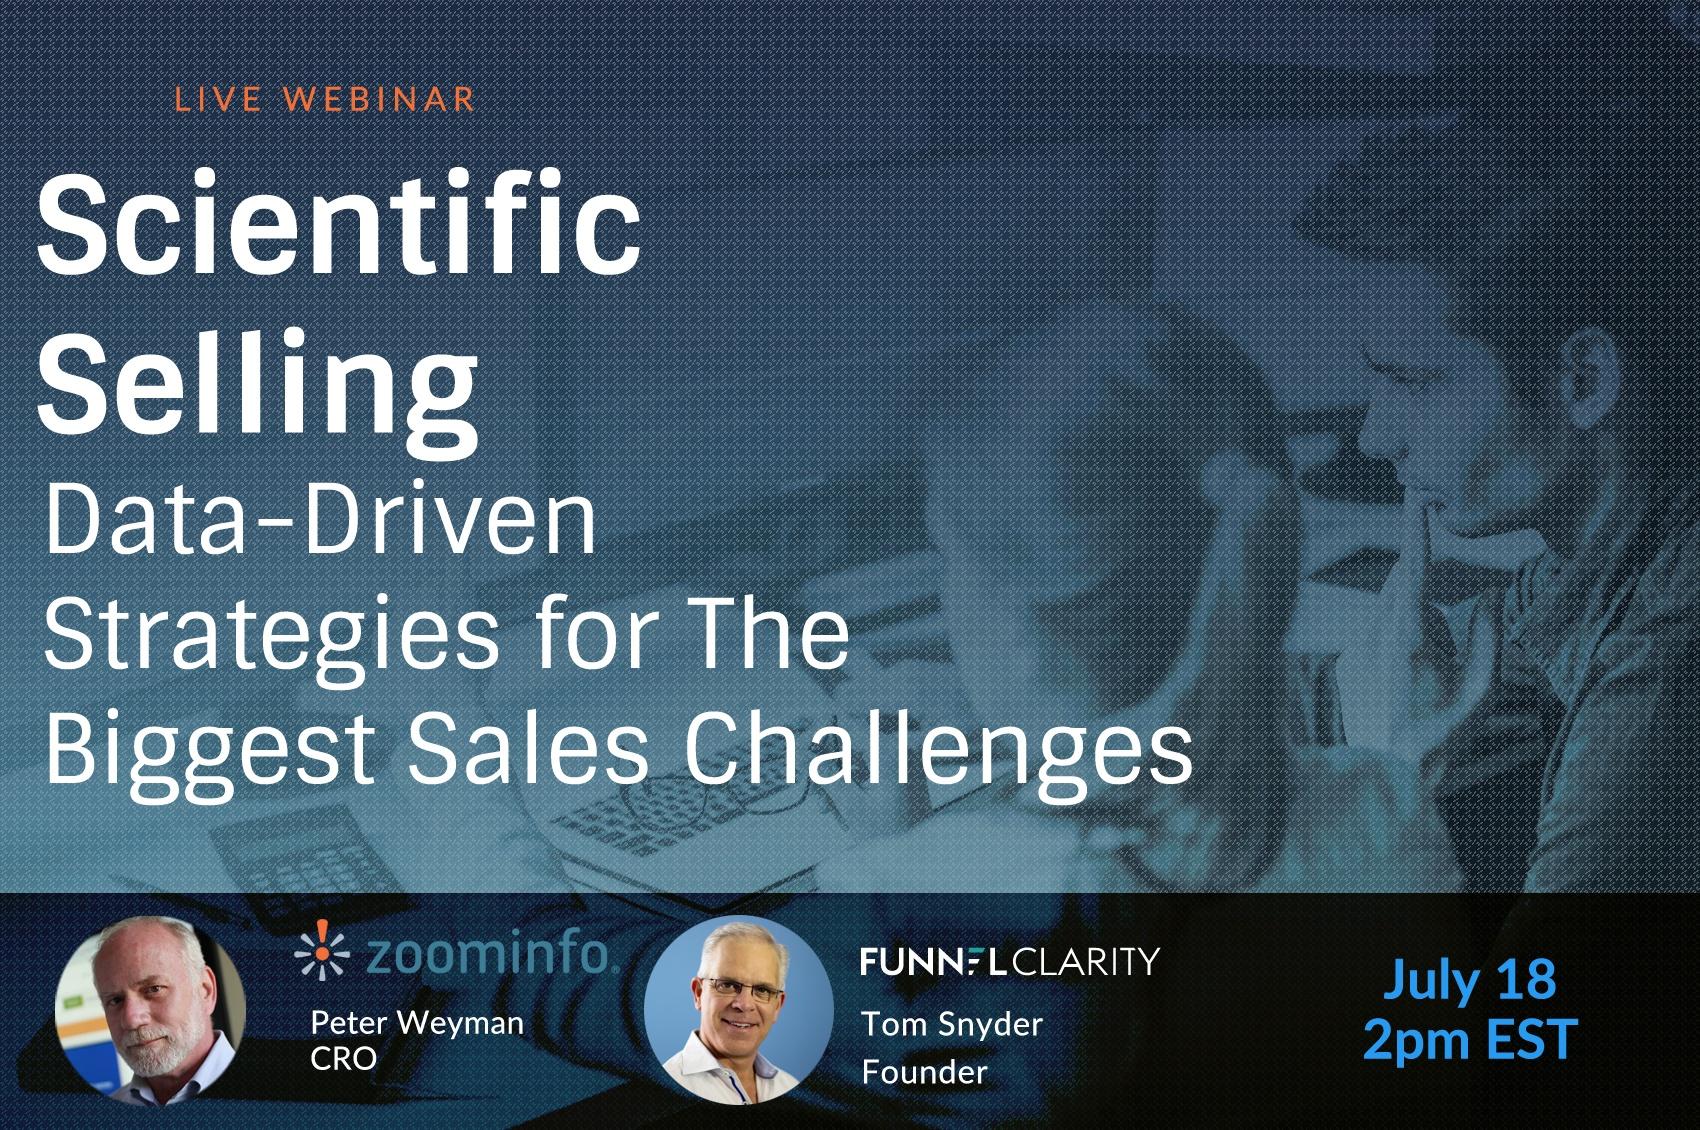 scientific-selling-large-banner.jpg